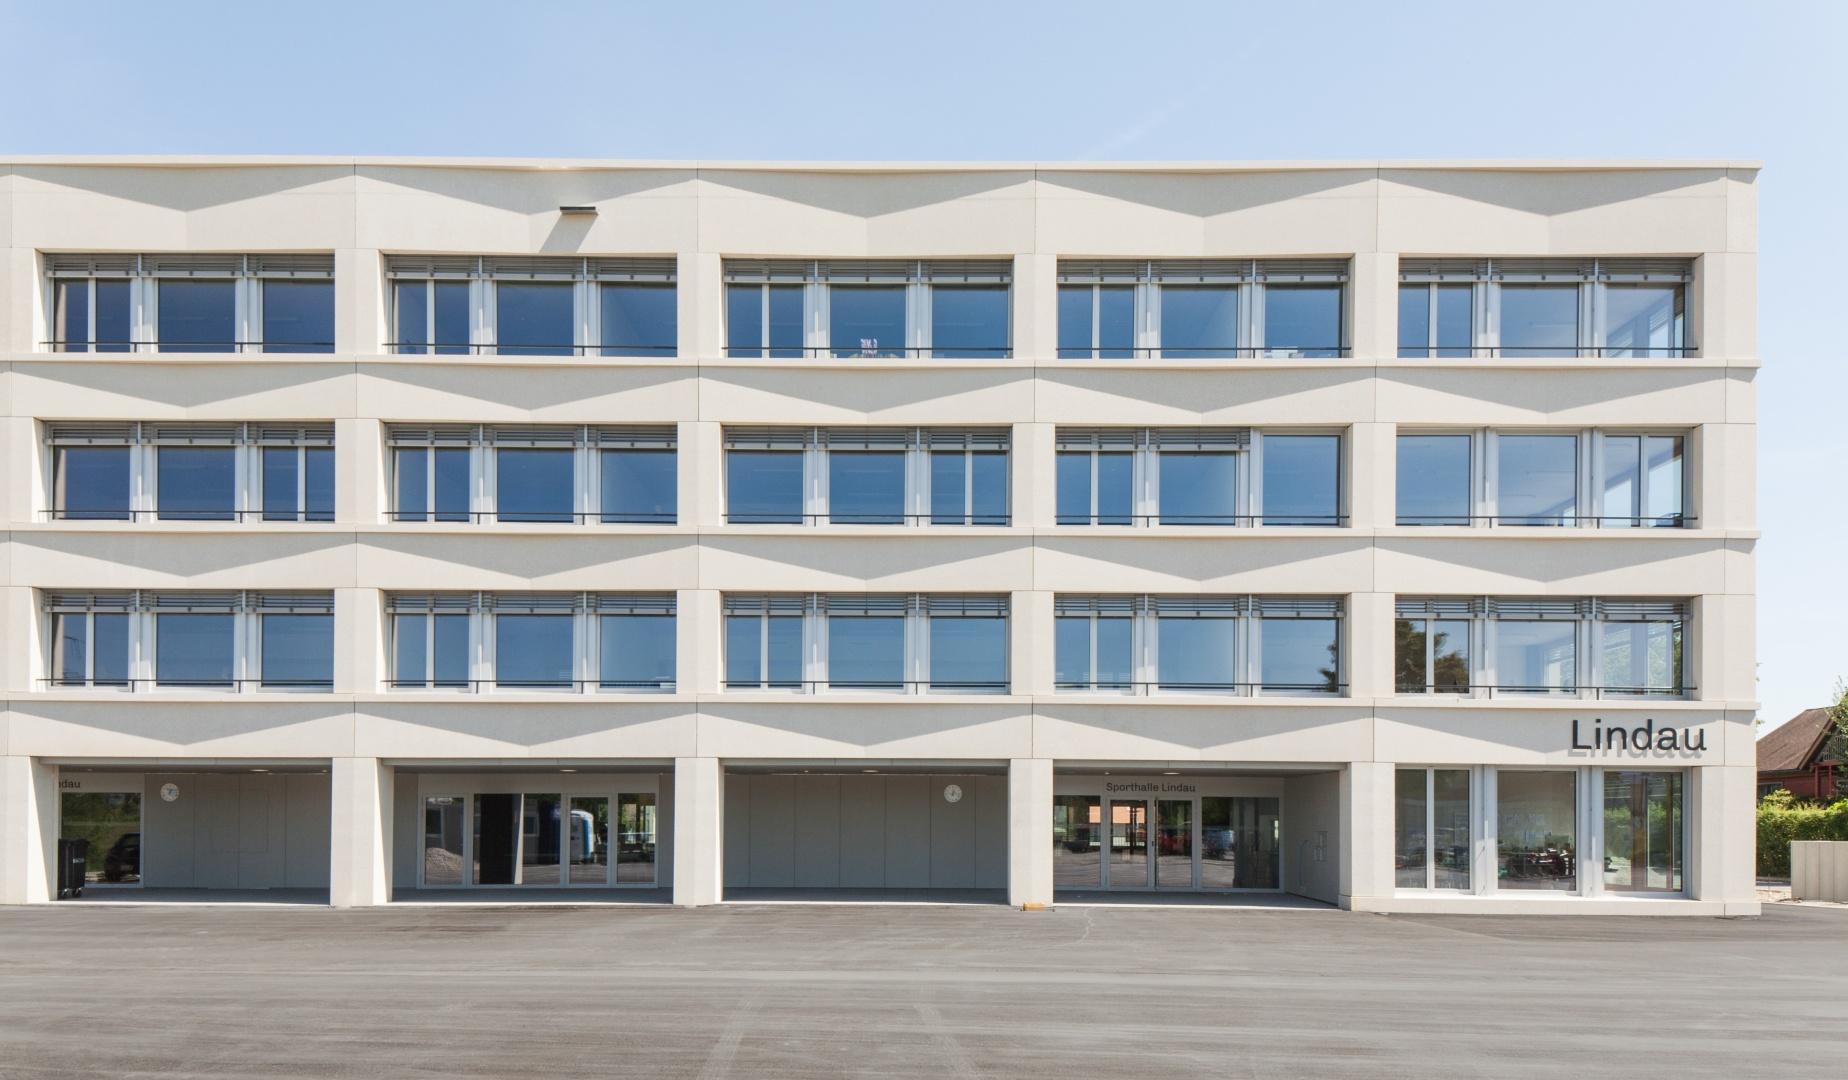 Sekundarschulhaus und sporthalle rothenburg schweizer baudokumentation - Architekten lindau ...